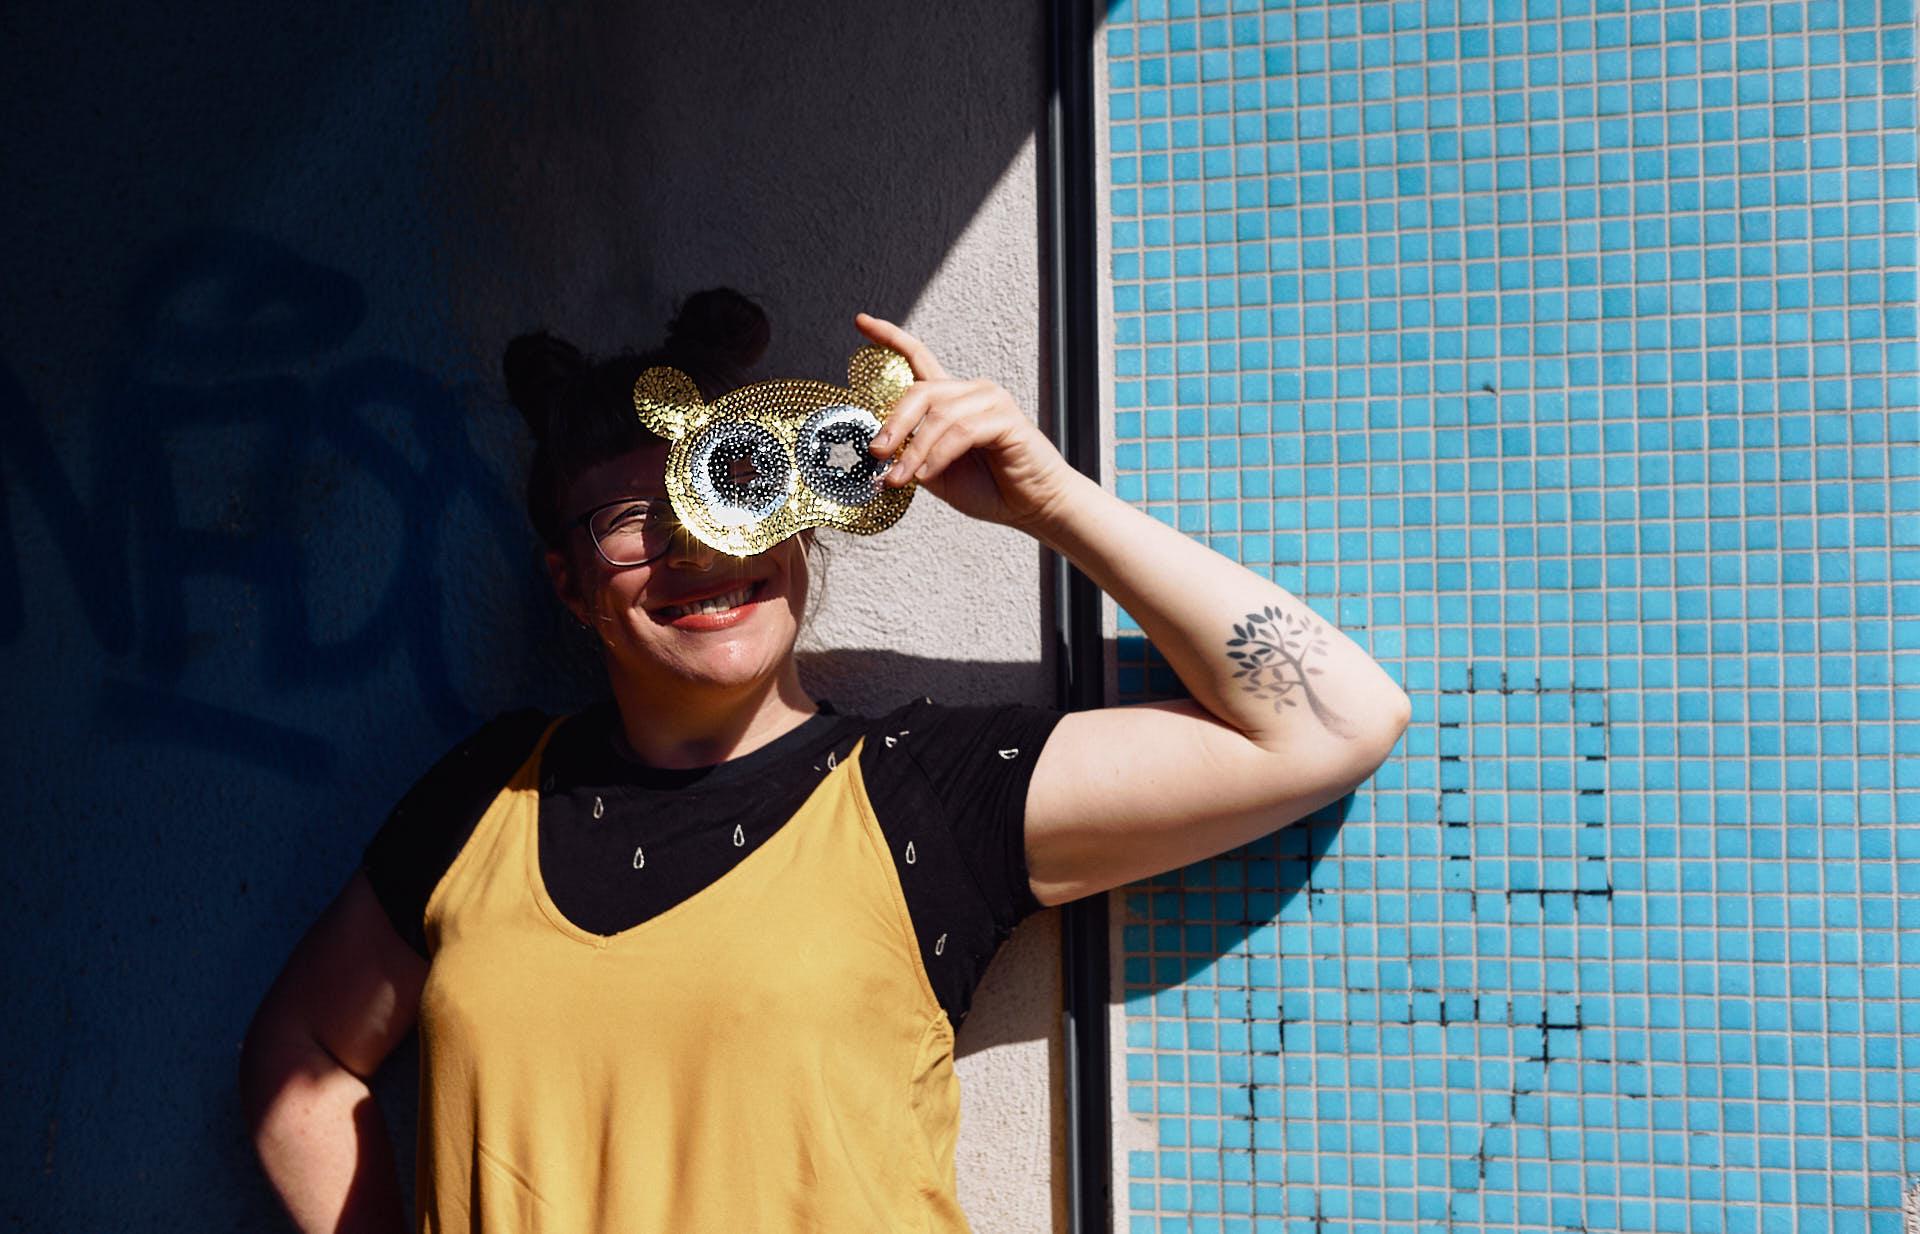 Sängerin Gitte Wolffson vor einer Blau gekachelten Wand eine glitzernde Maske vors Gesicht haltend